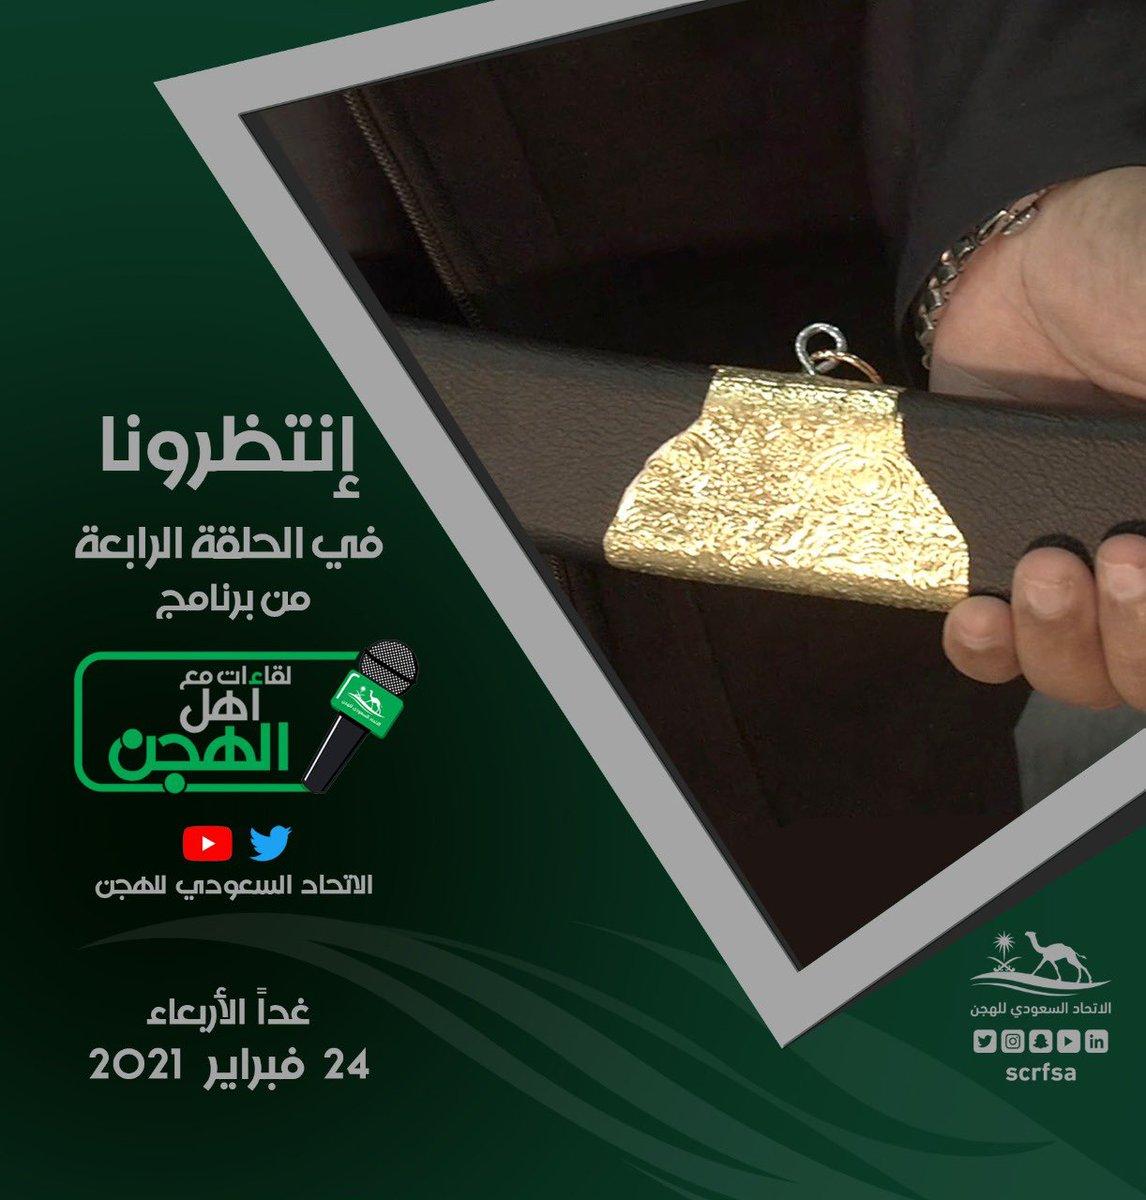 انتظرونا غداً يوم الأربعاء في (الحلقة الرابعة) من برنامج #مع_أهل_الهجن ..   #الاتحاد_السعودي_للهجن🐪 https://t.co/AV6okWGJtm